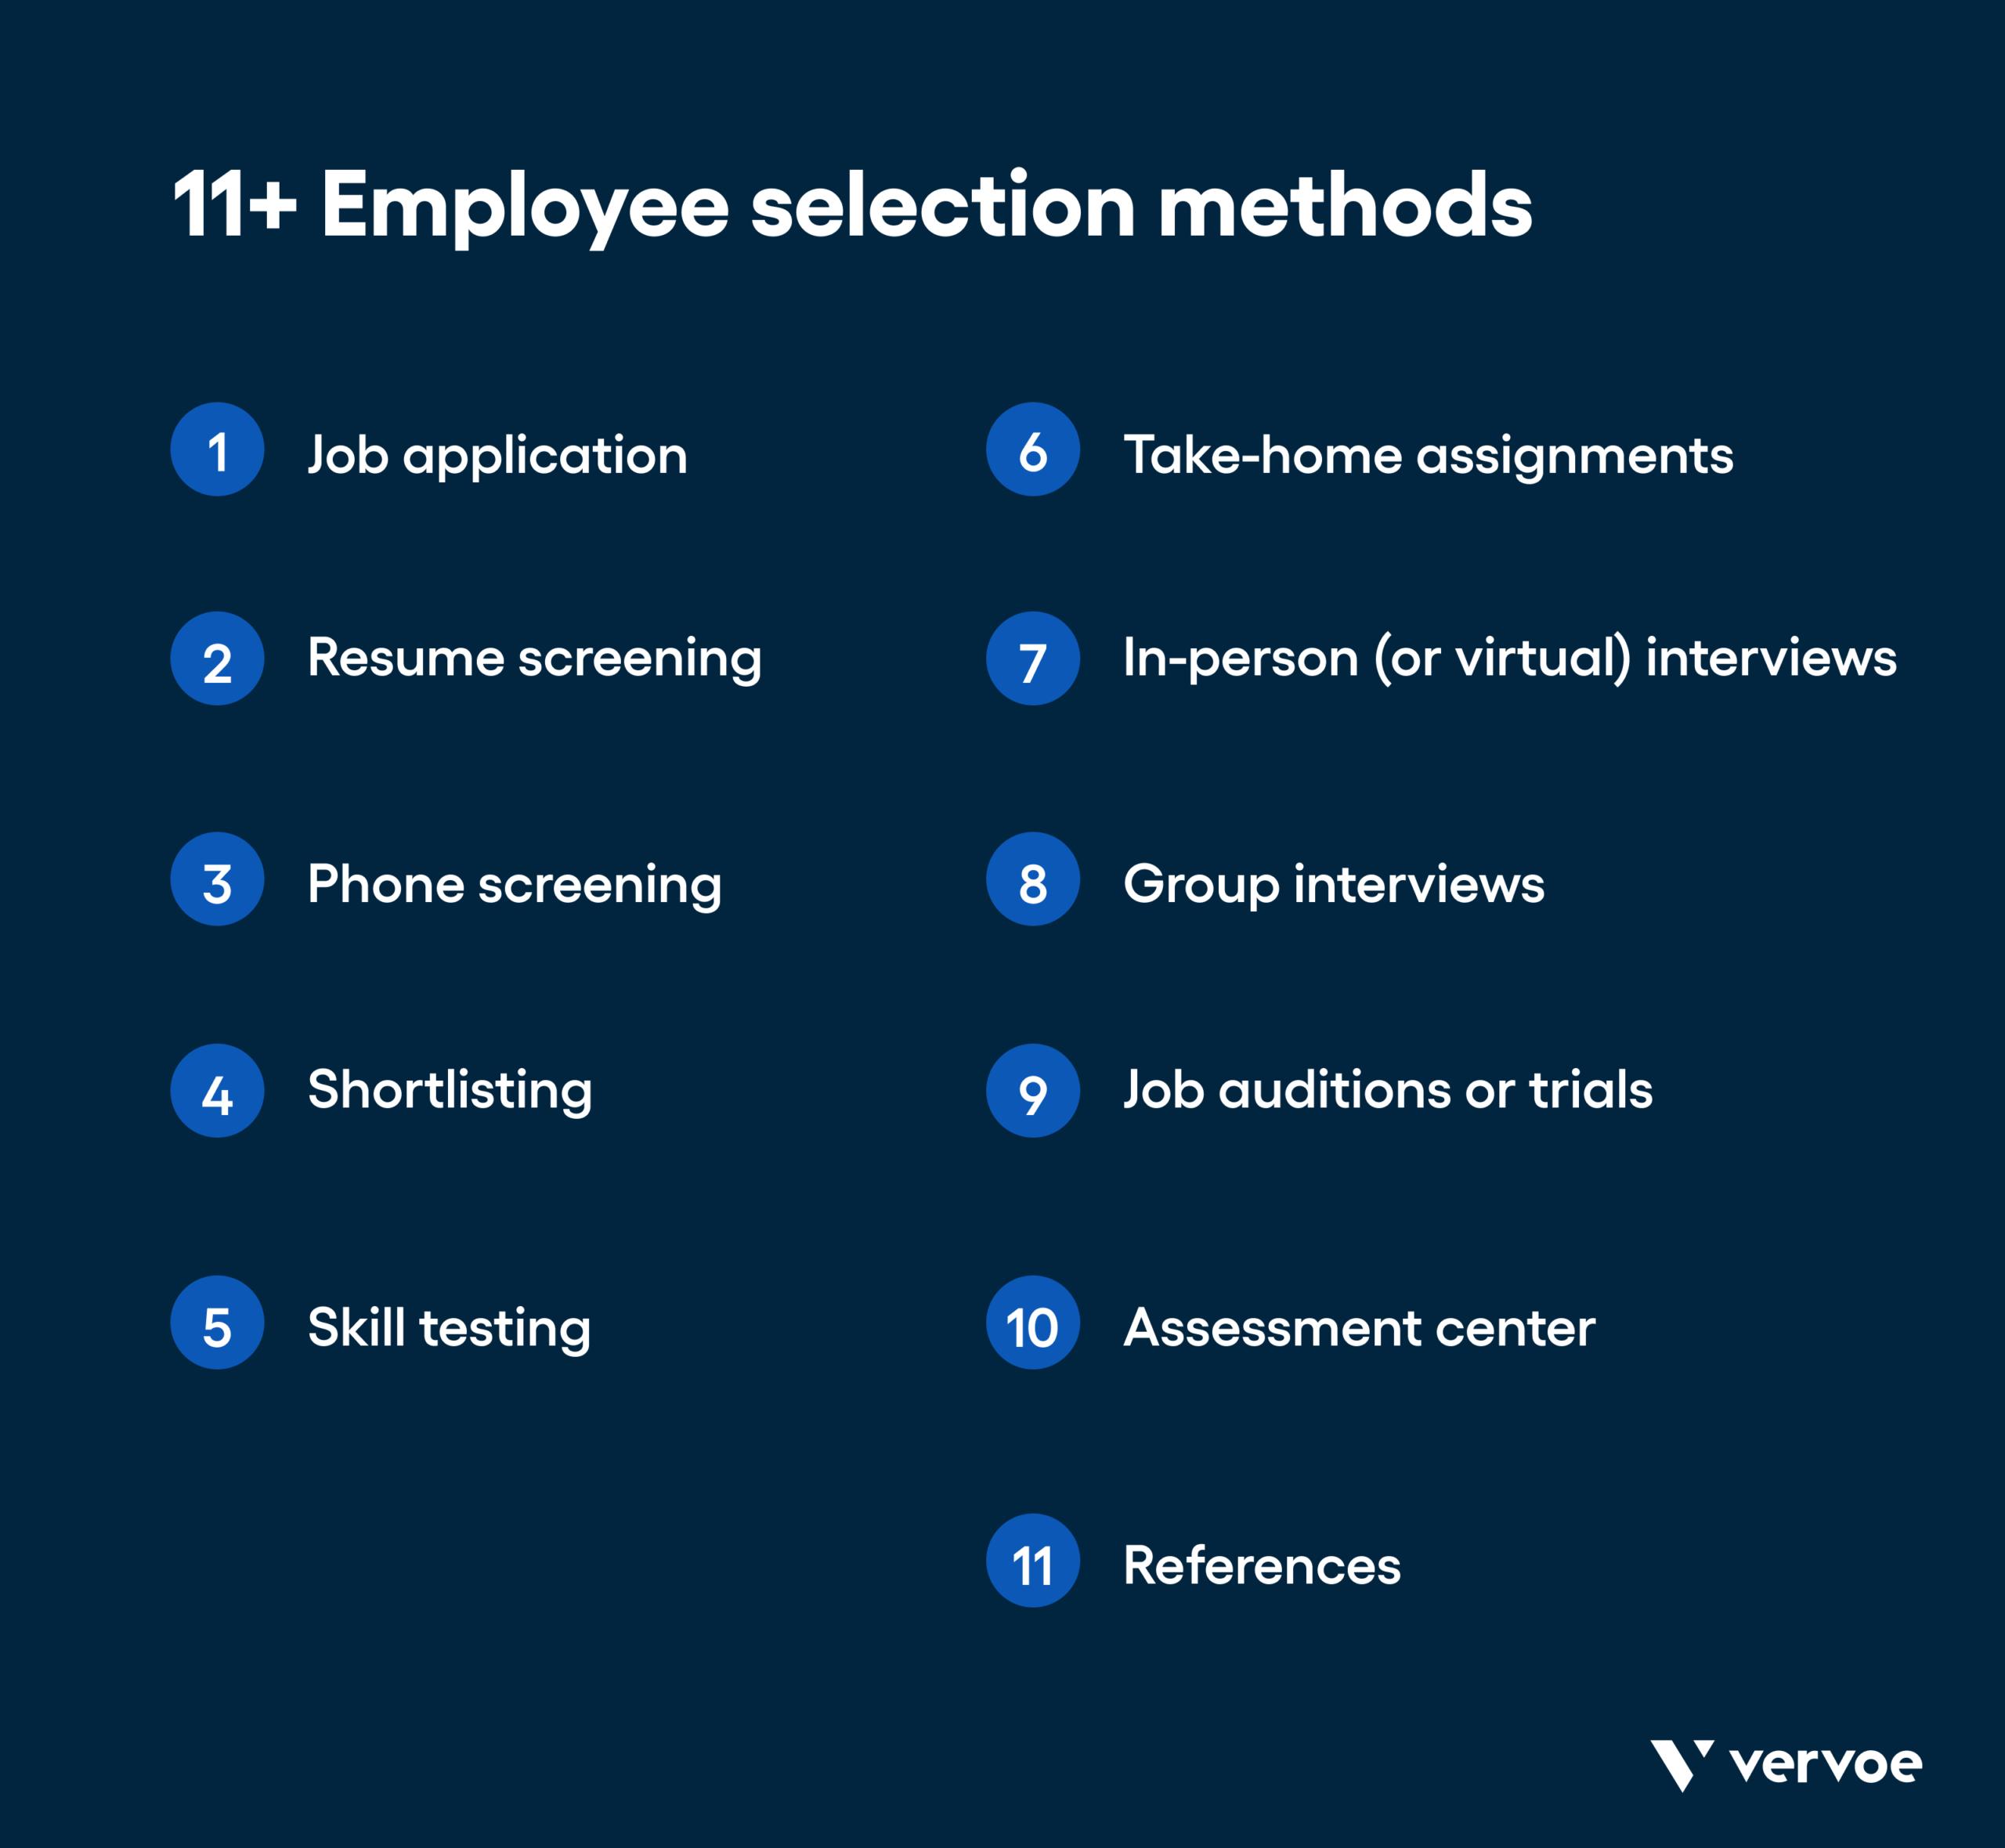 11+ employee selection methods